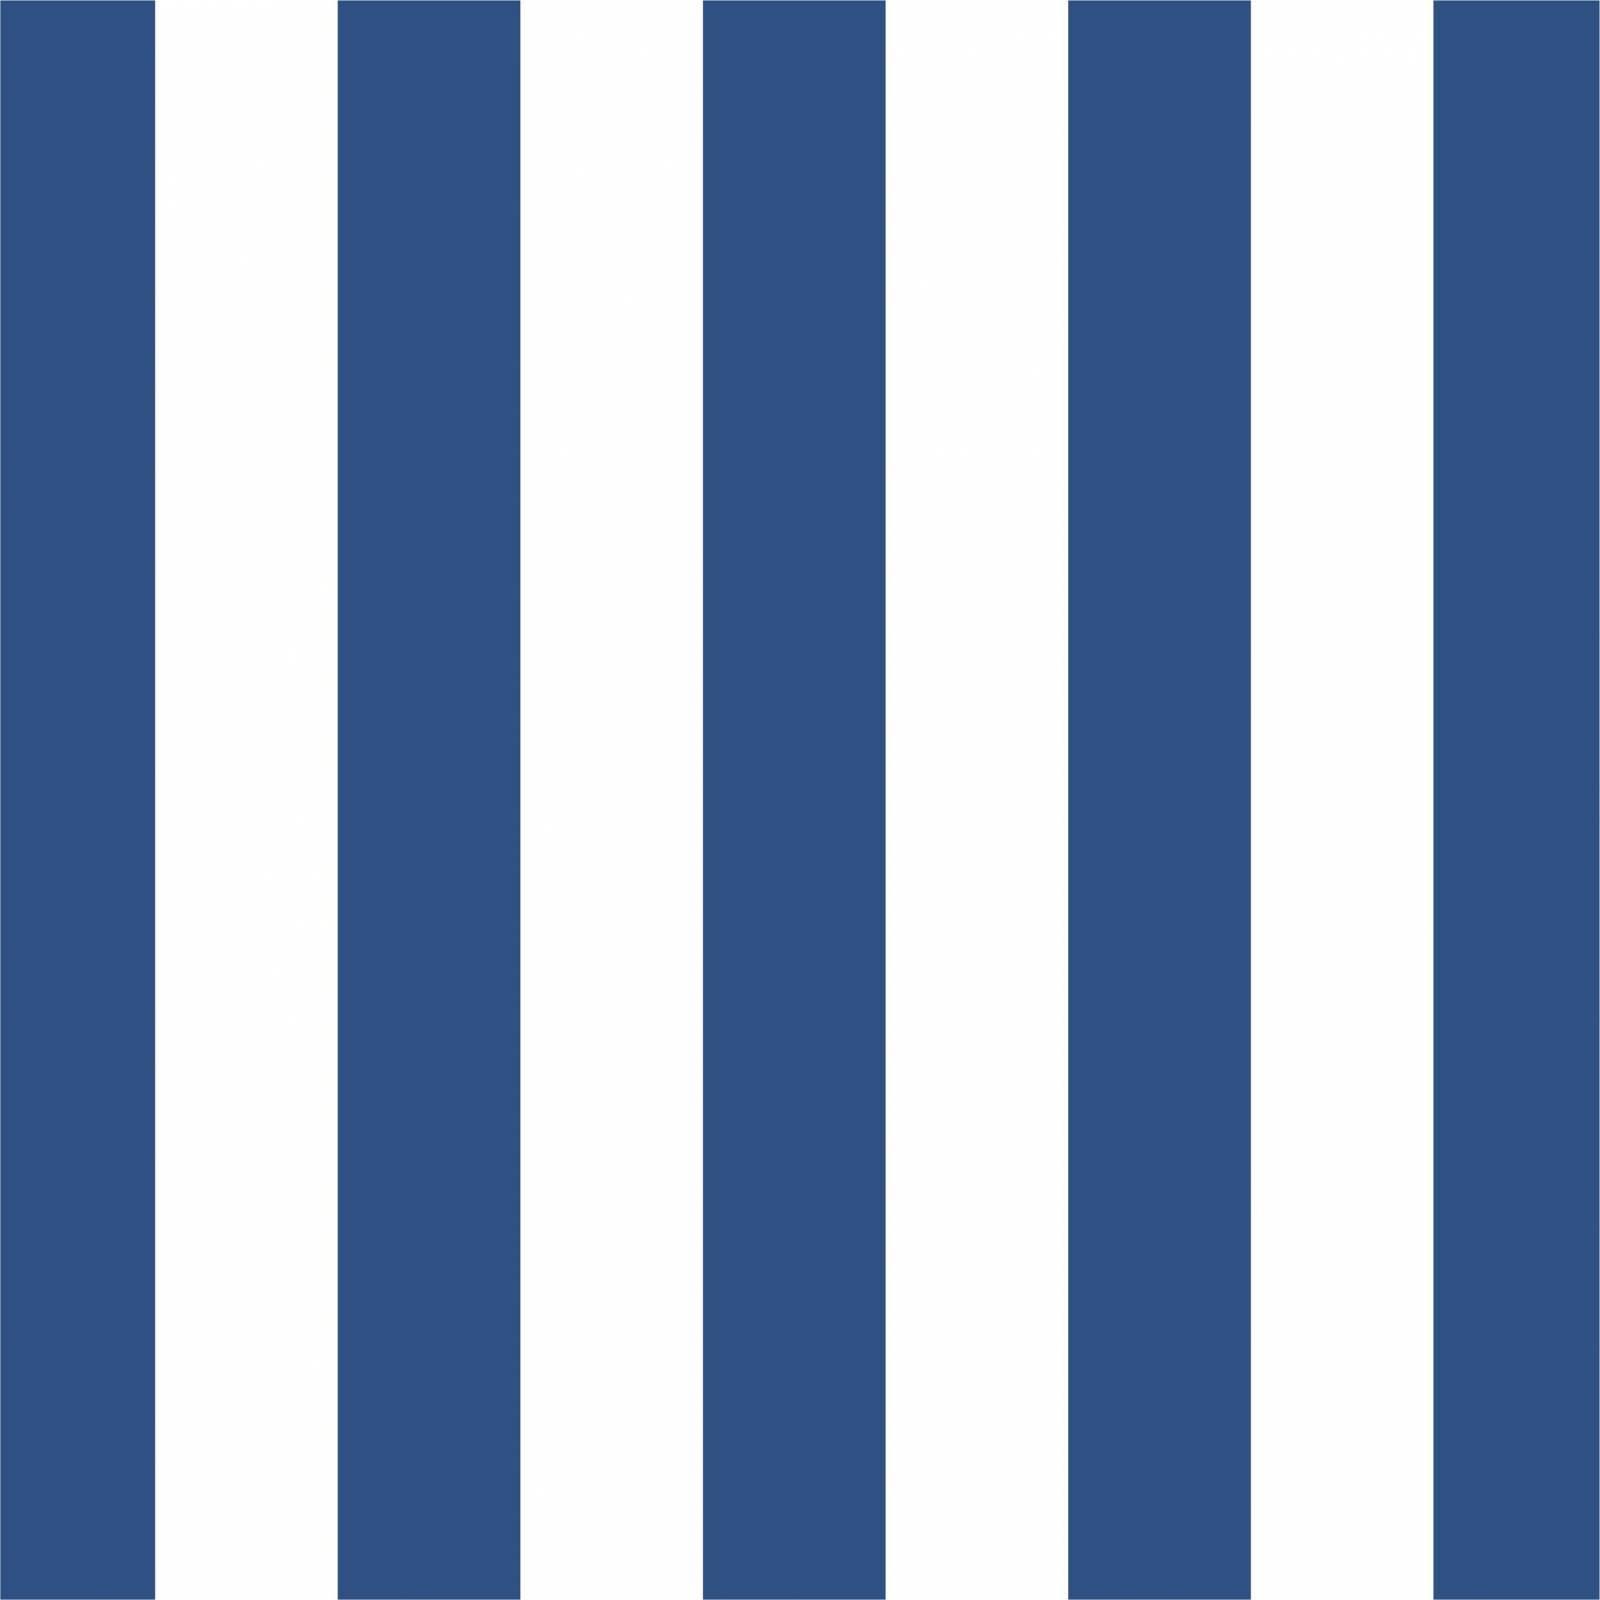 Papel de Parede Listrado Azul | Adesivo Vinilico imagem 1